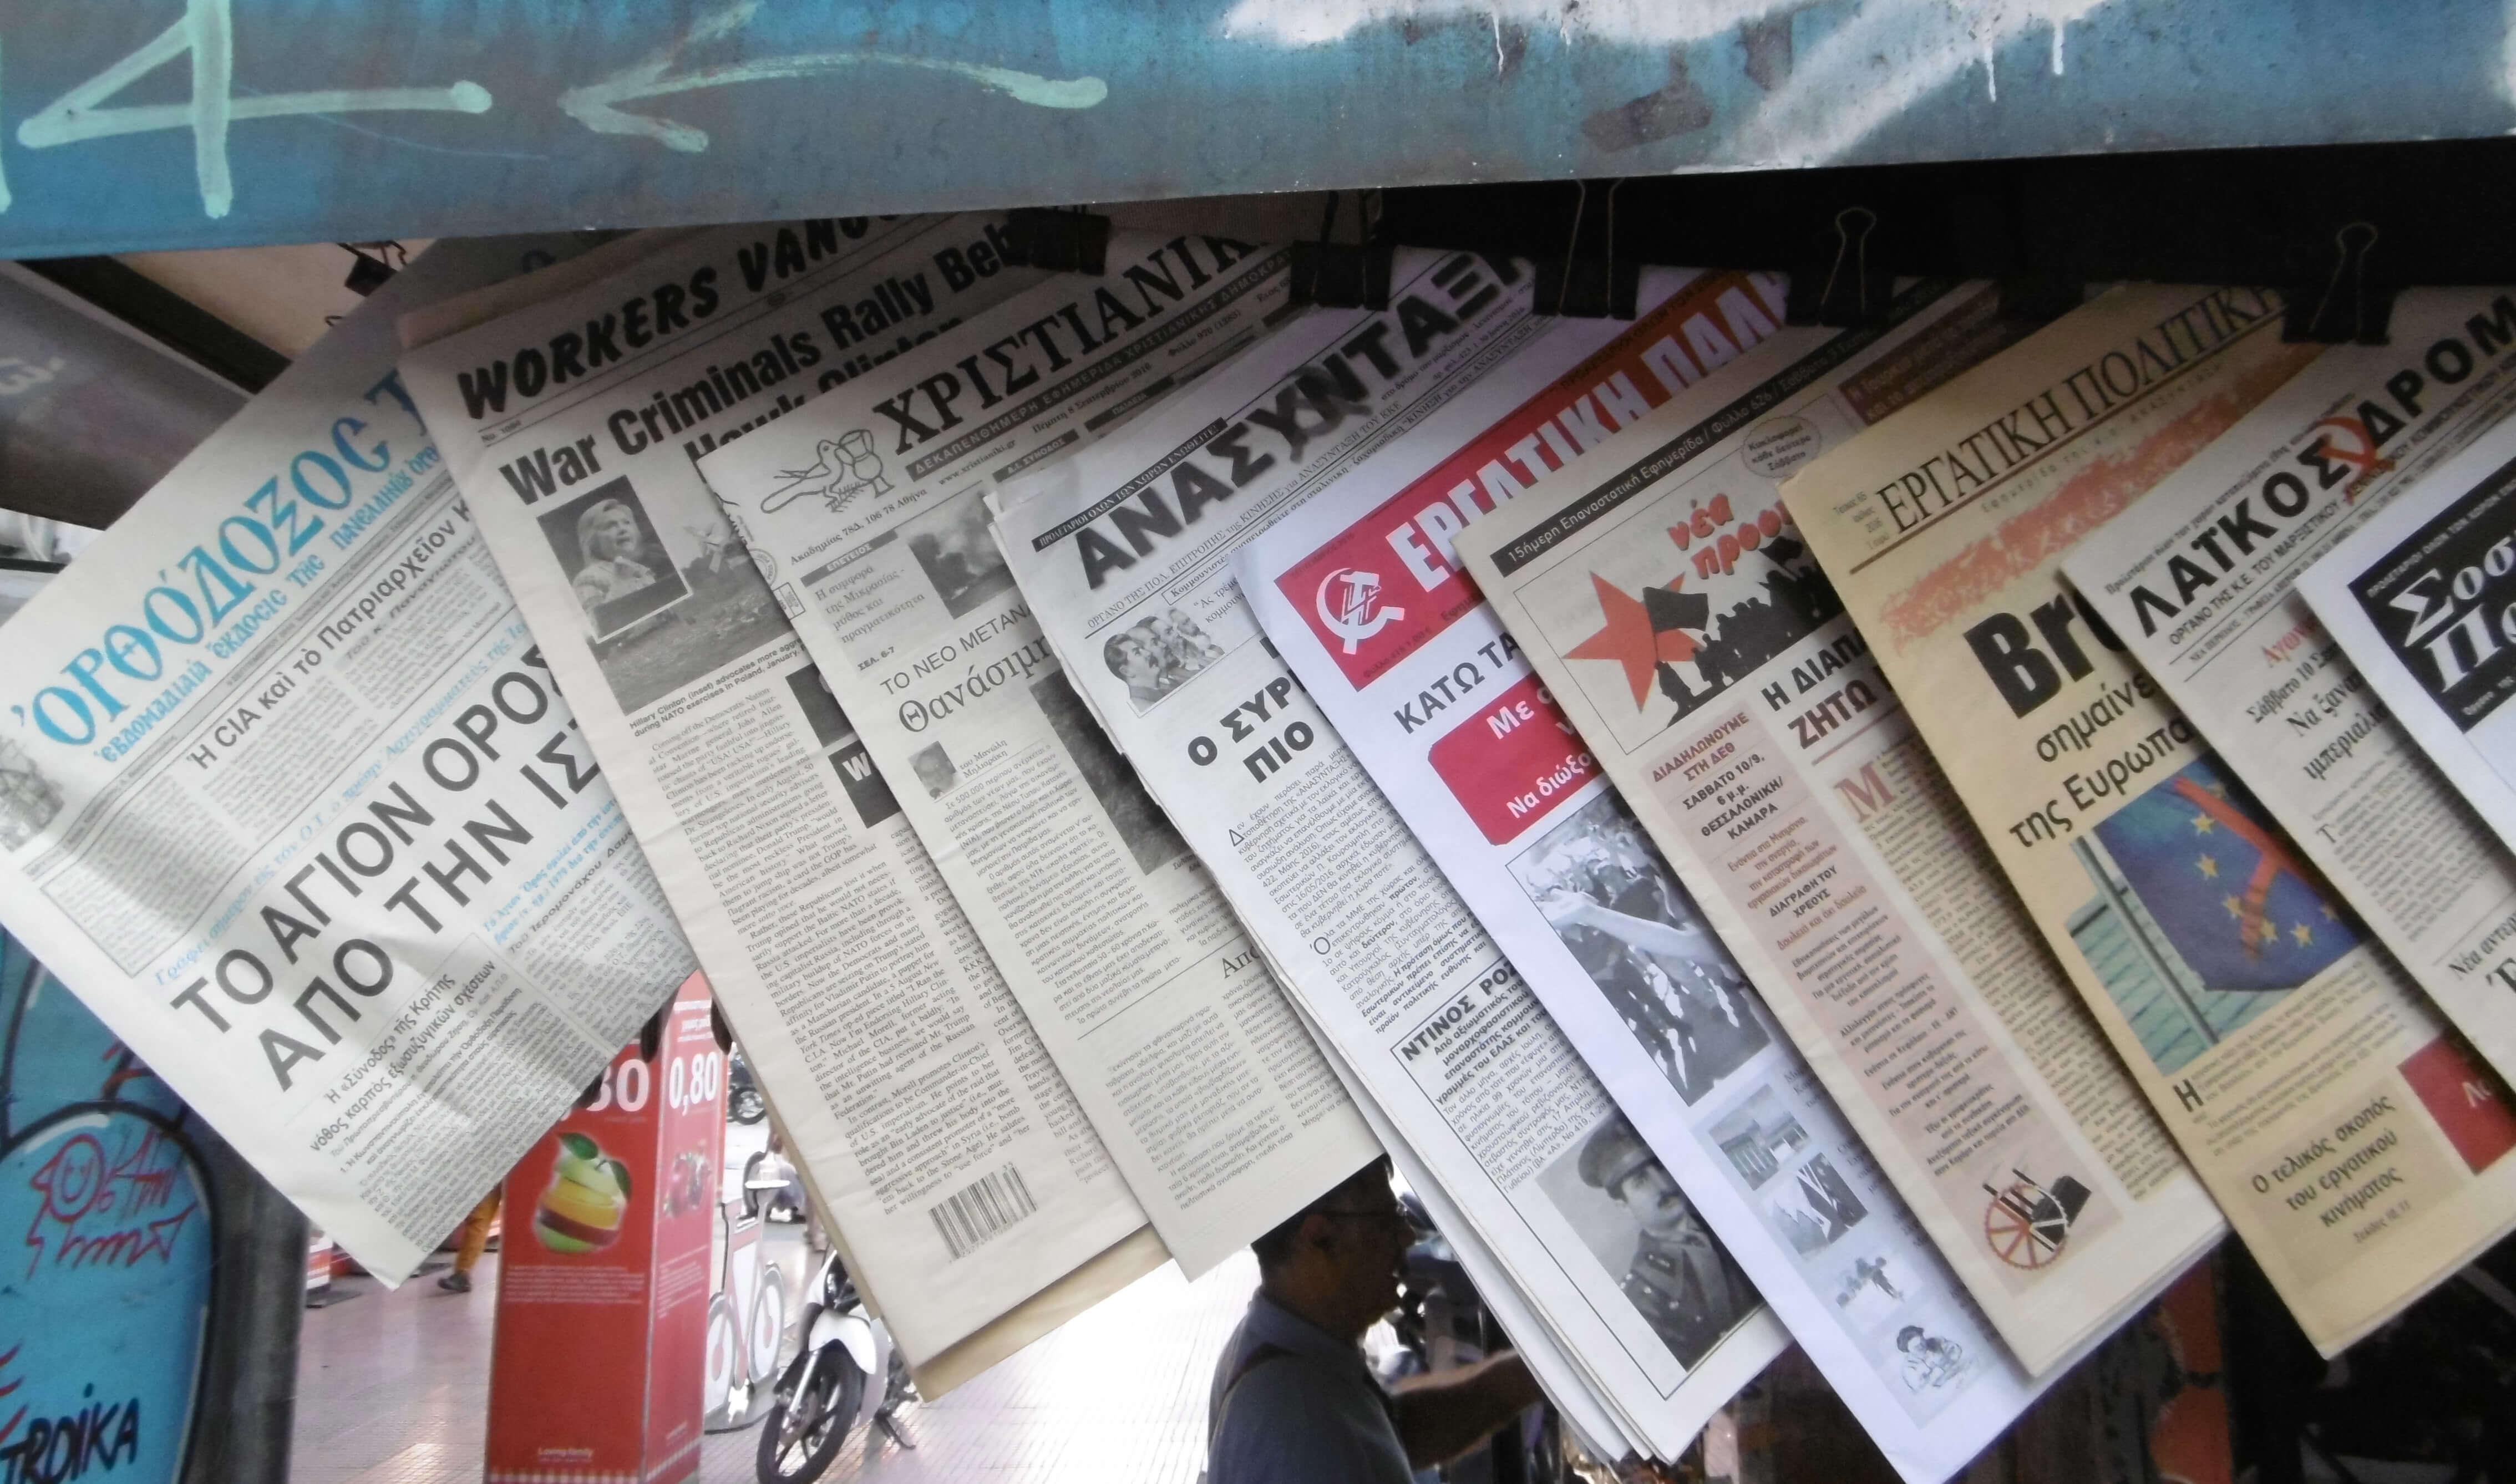 Μυτιλήνη: Επίθεση σε εκδότρια εφημερίδας – Το δημοσίευμα που άναψε τα αίματα και η επίσκεψη στα γραφεία!